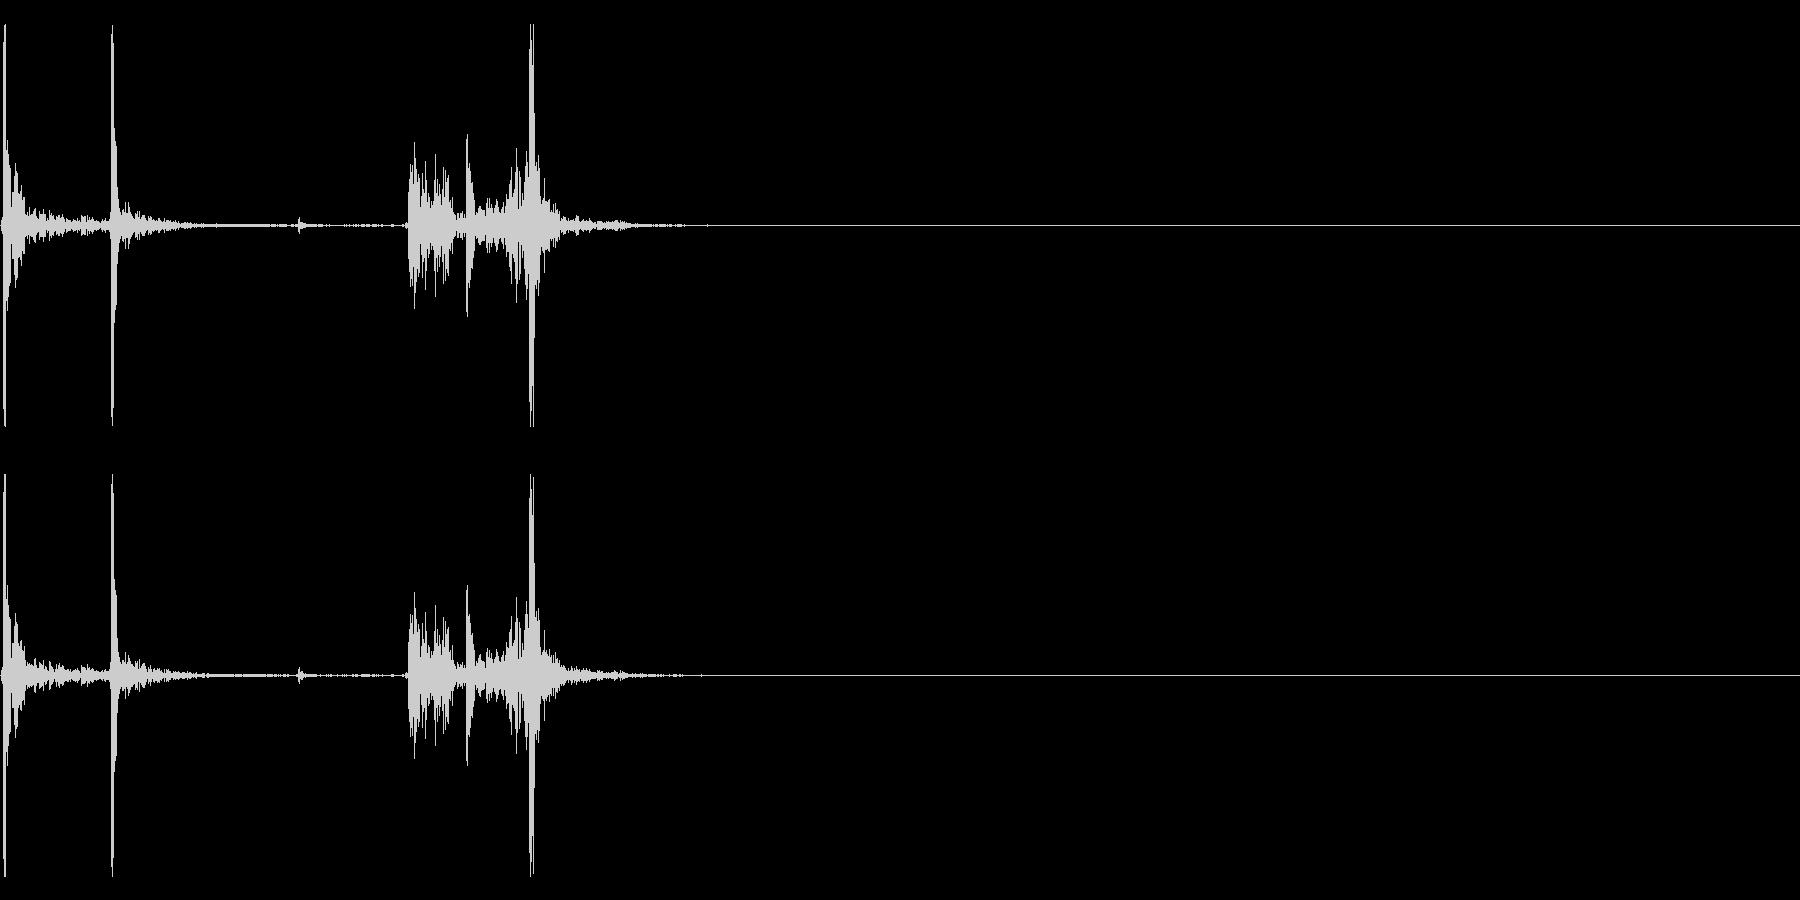 【生録音】タッパー・弁当箱を閉める音 6の未再生の波形